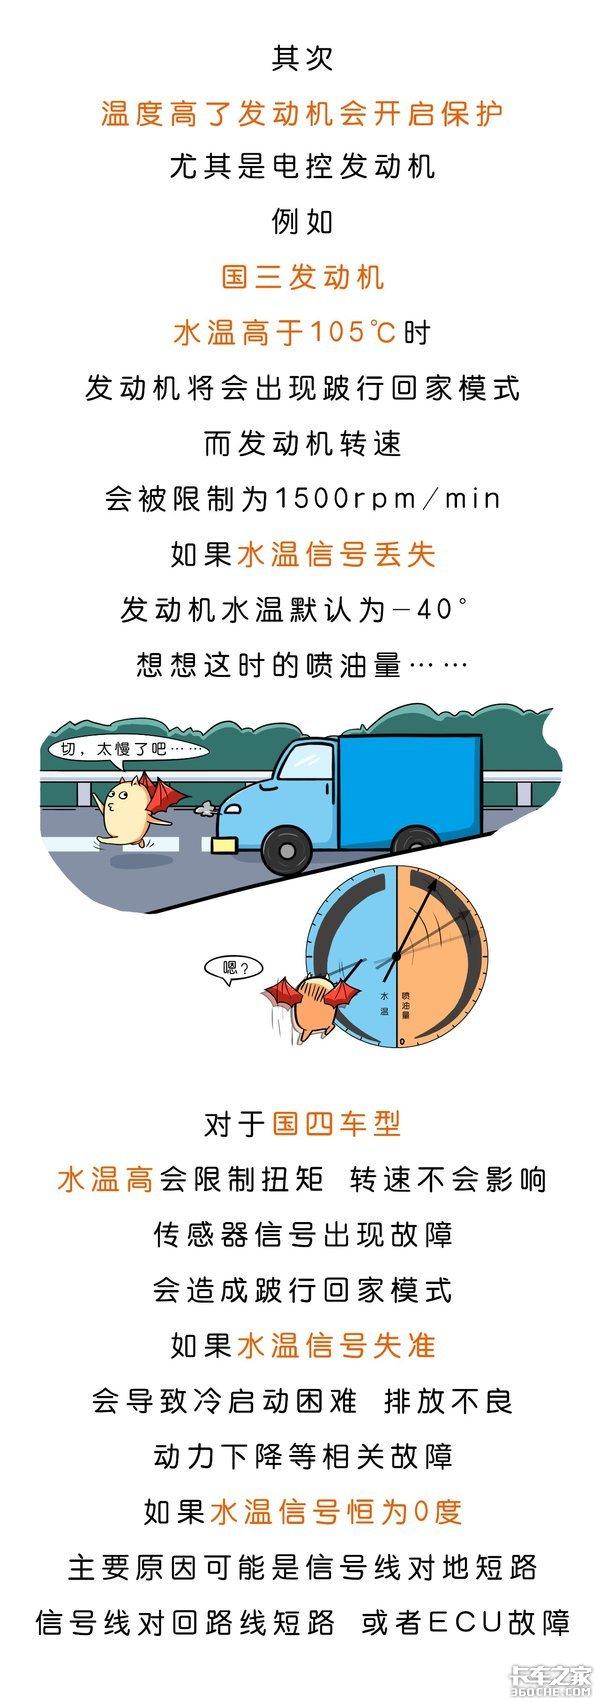 卡车水温相差50度,油耗竟能差这么多?